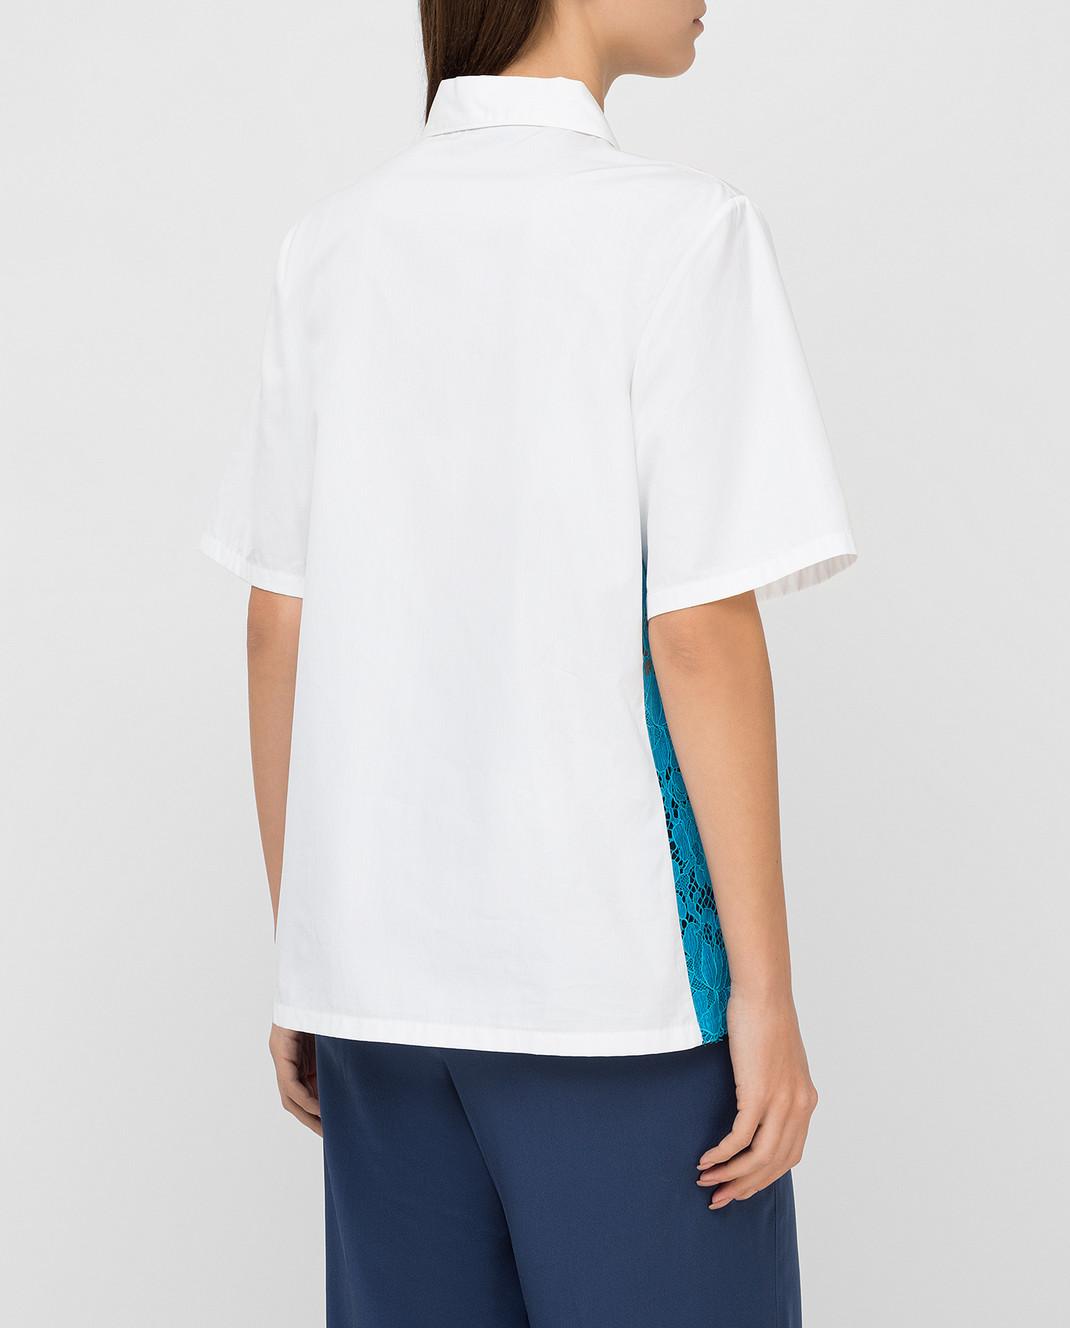 Prada Белая рубашка P461AU изображение 4